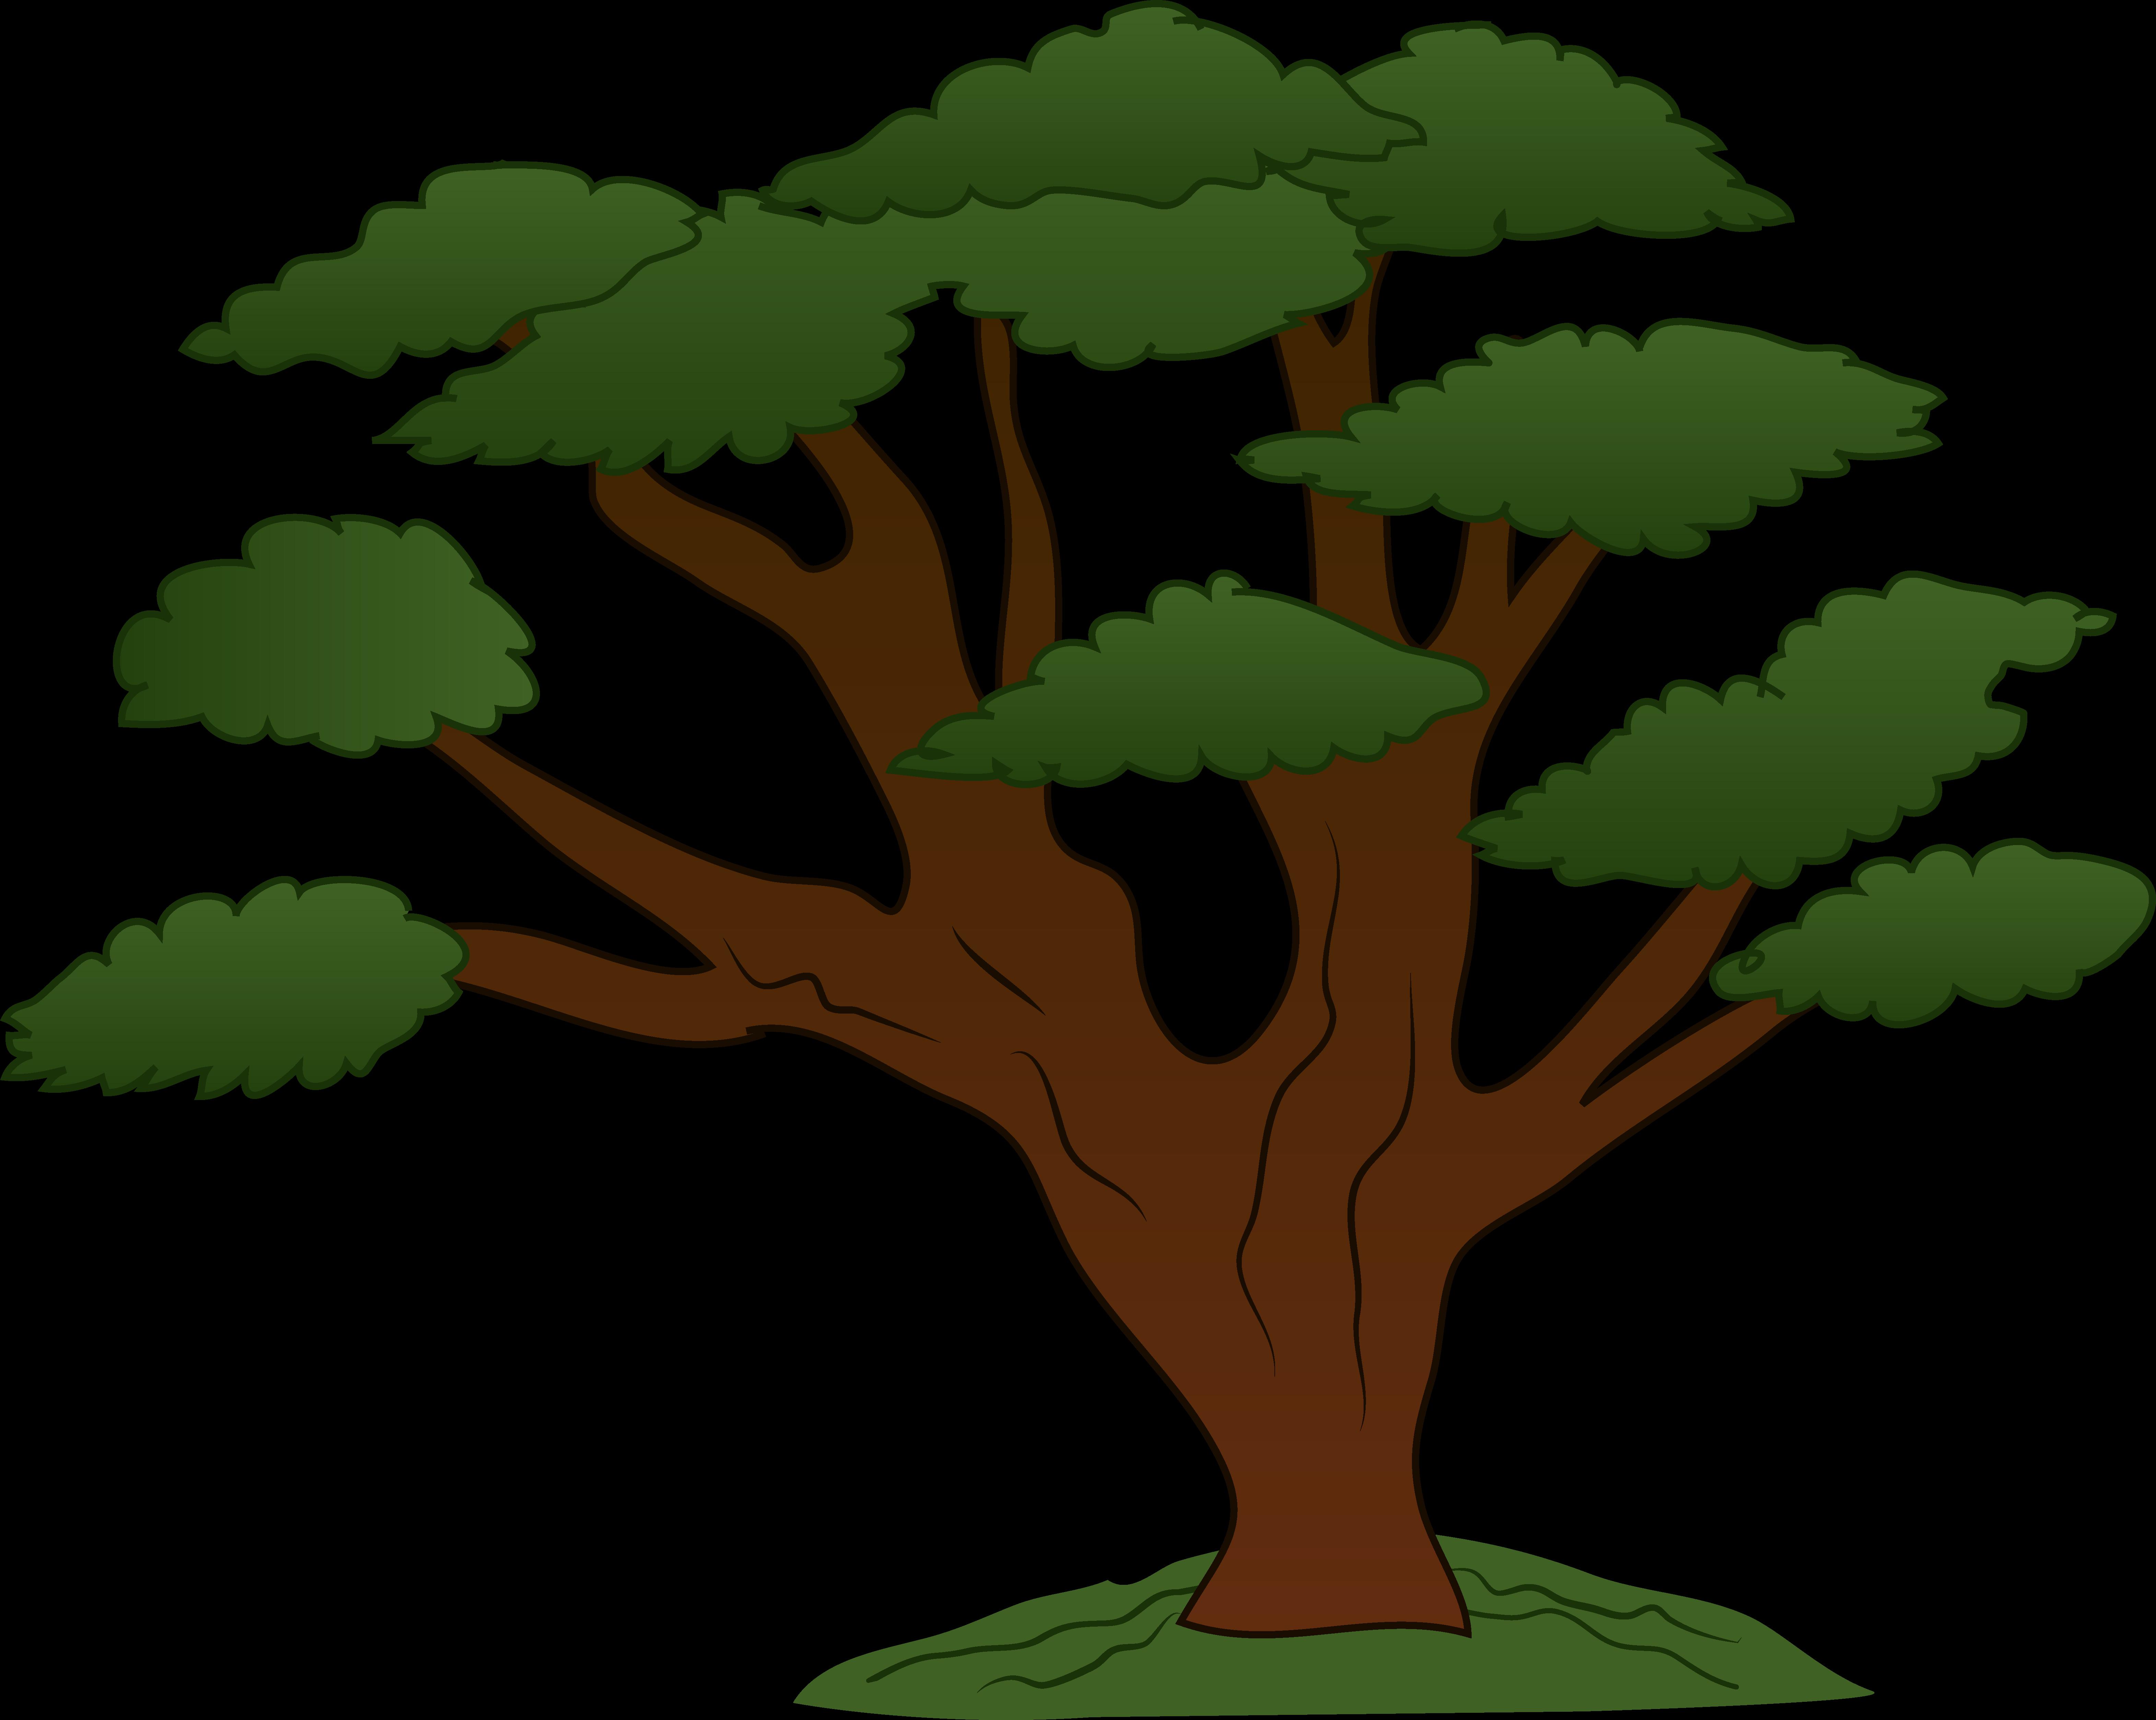 Cartoon Tree Cliparts.